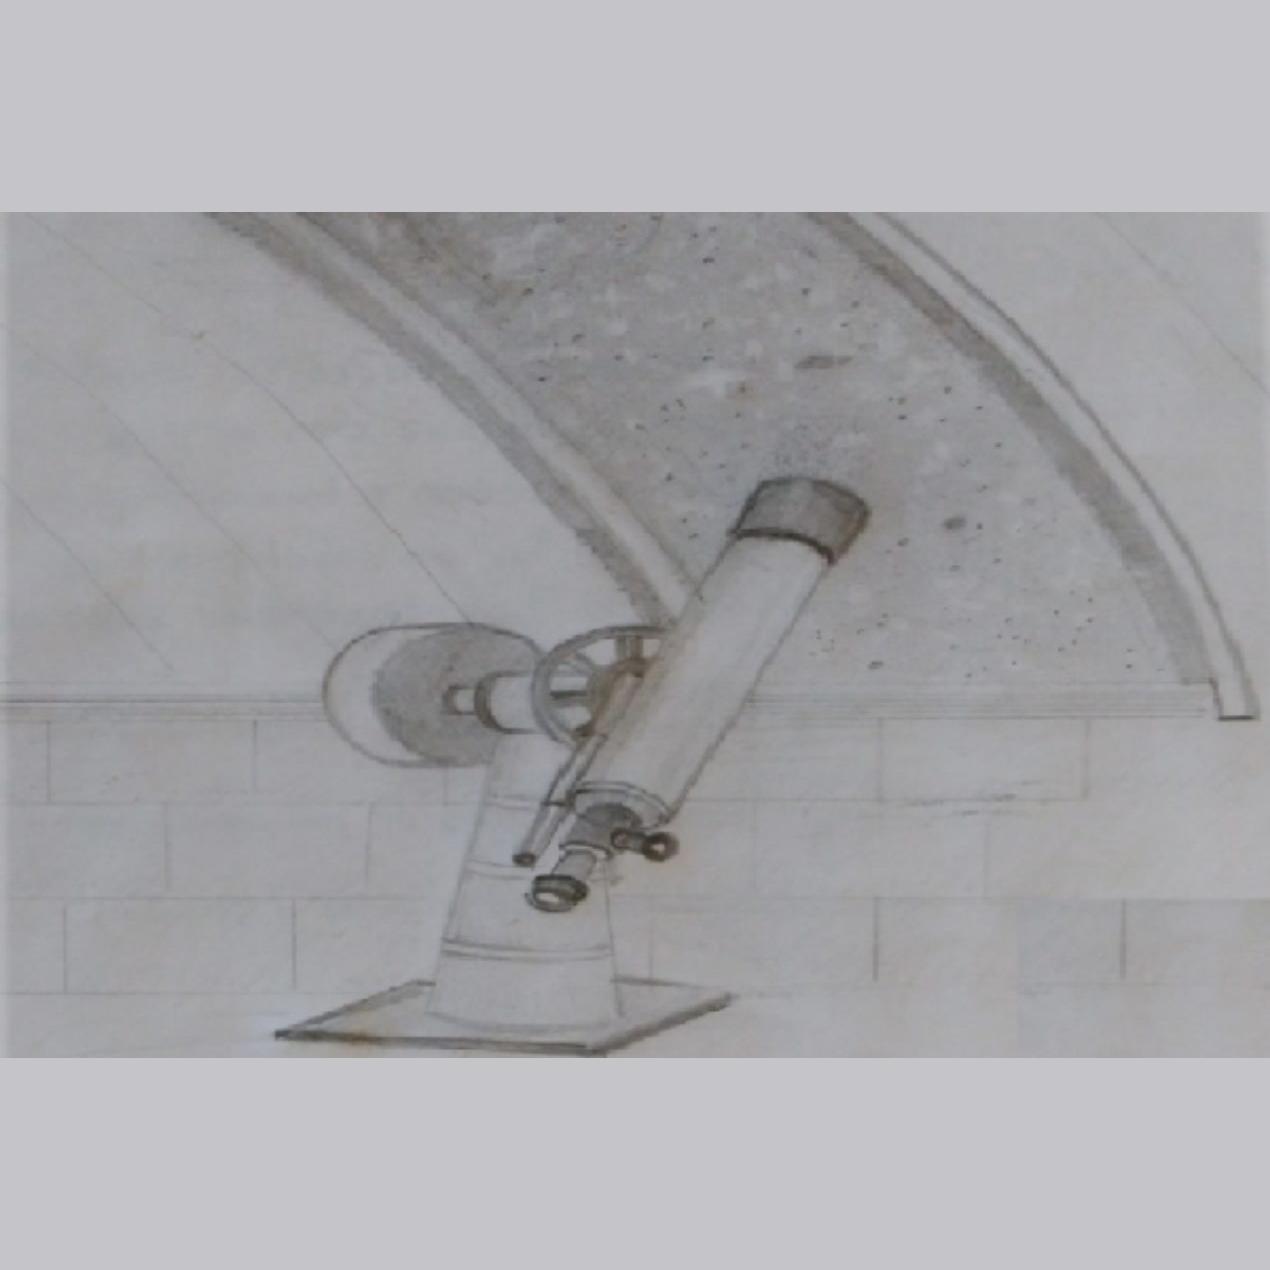 Τηλεσκόπιο με απλά υλικά